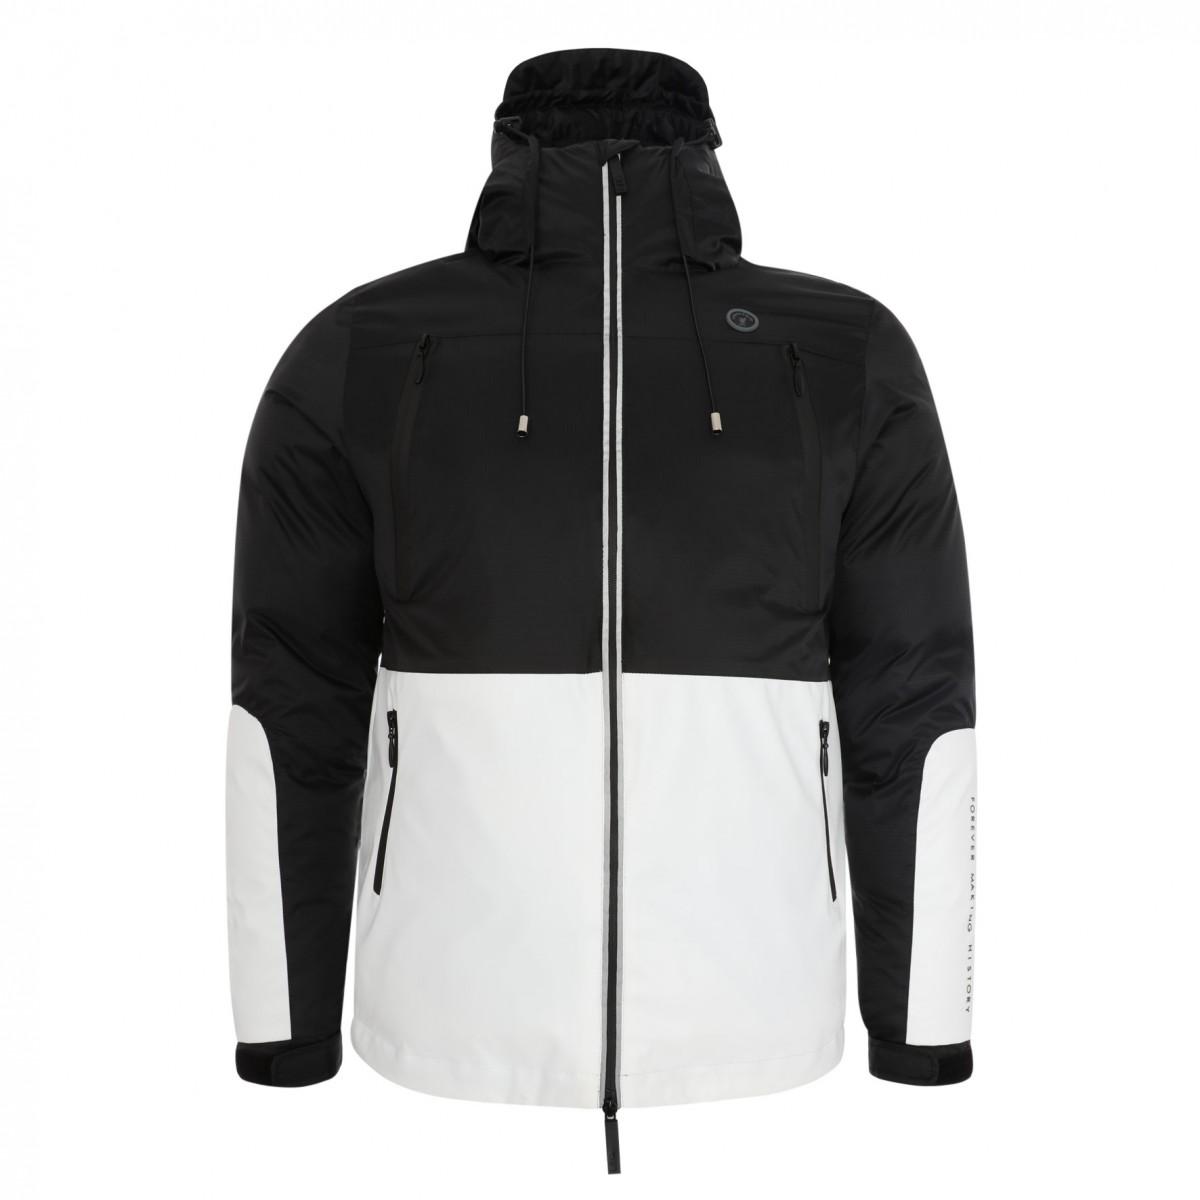 リバプール オフィシャル MATCHDAY ジャケット(ブラック)【サッカー ウエア コート】(A11646)【店頭受取対応商品】